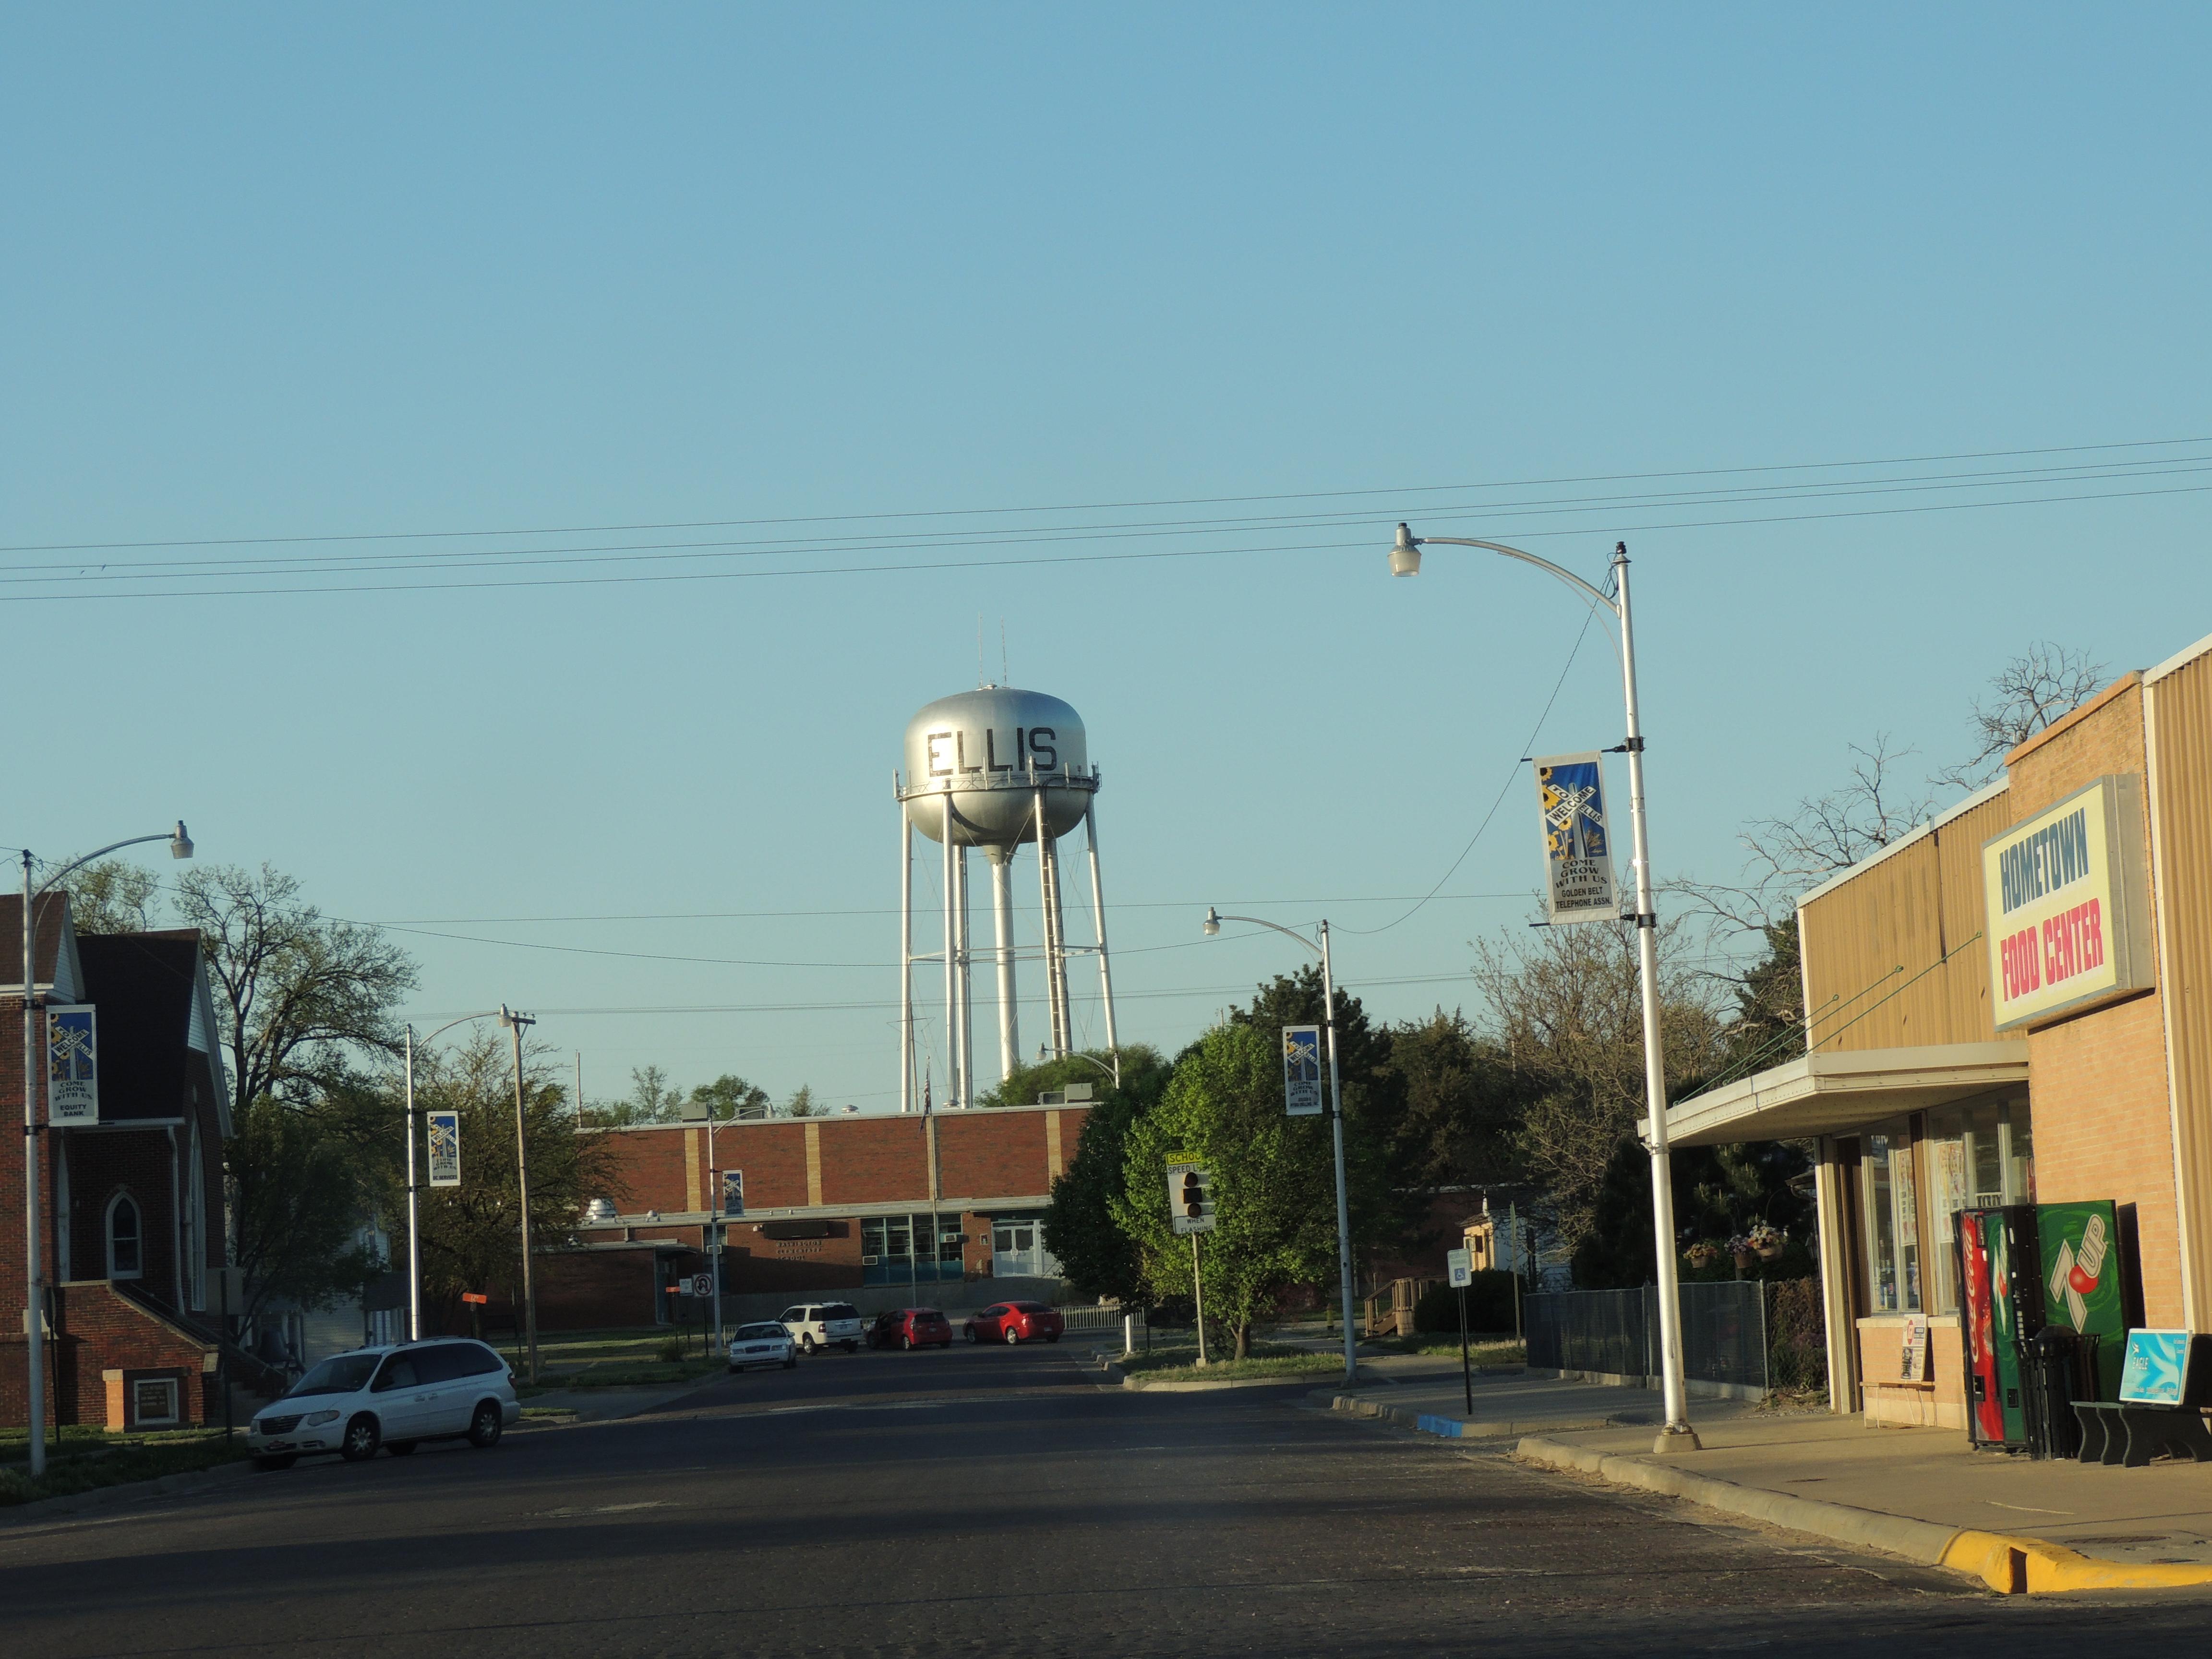 Ellis (Kansas)